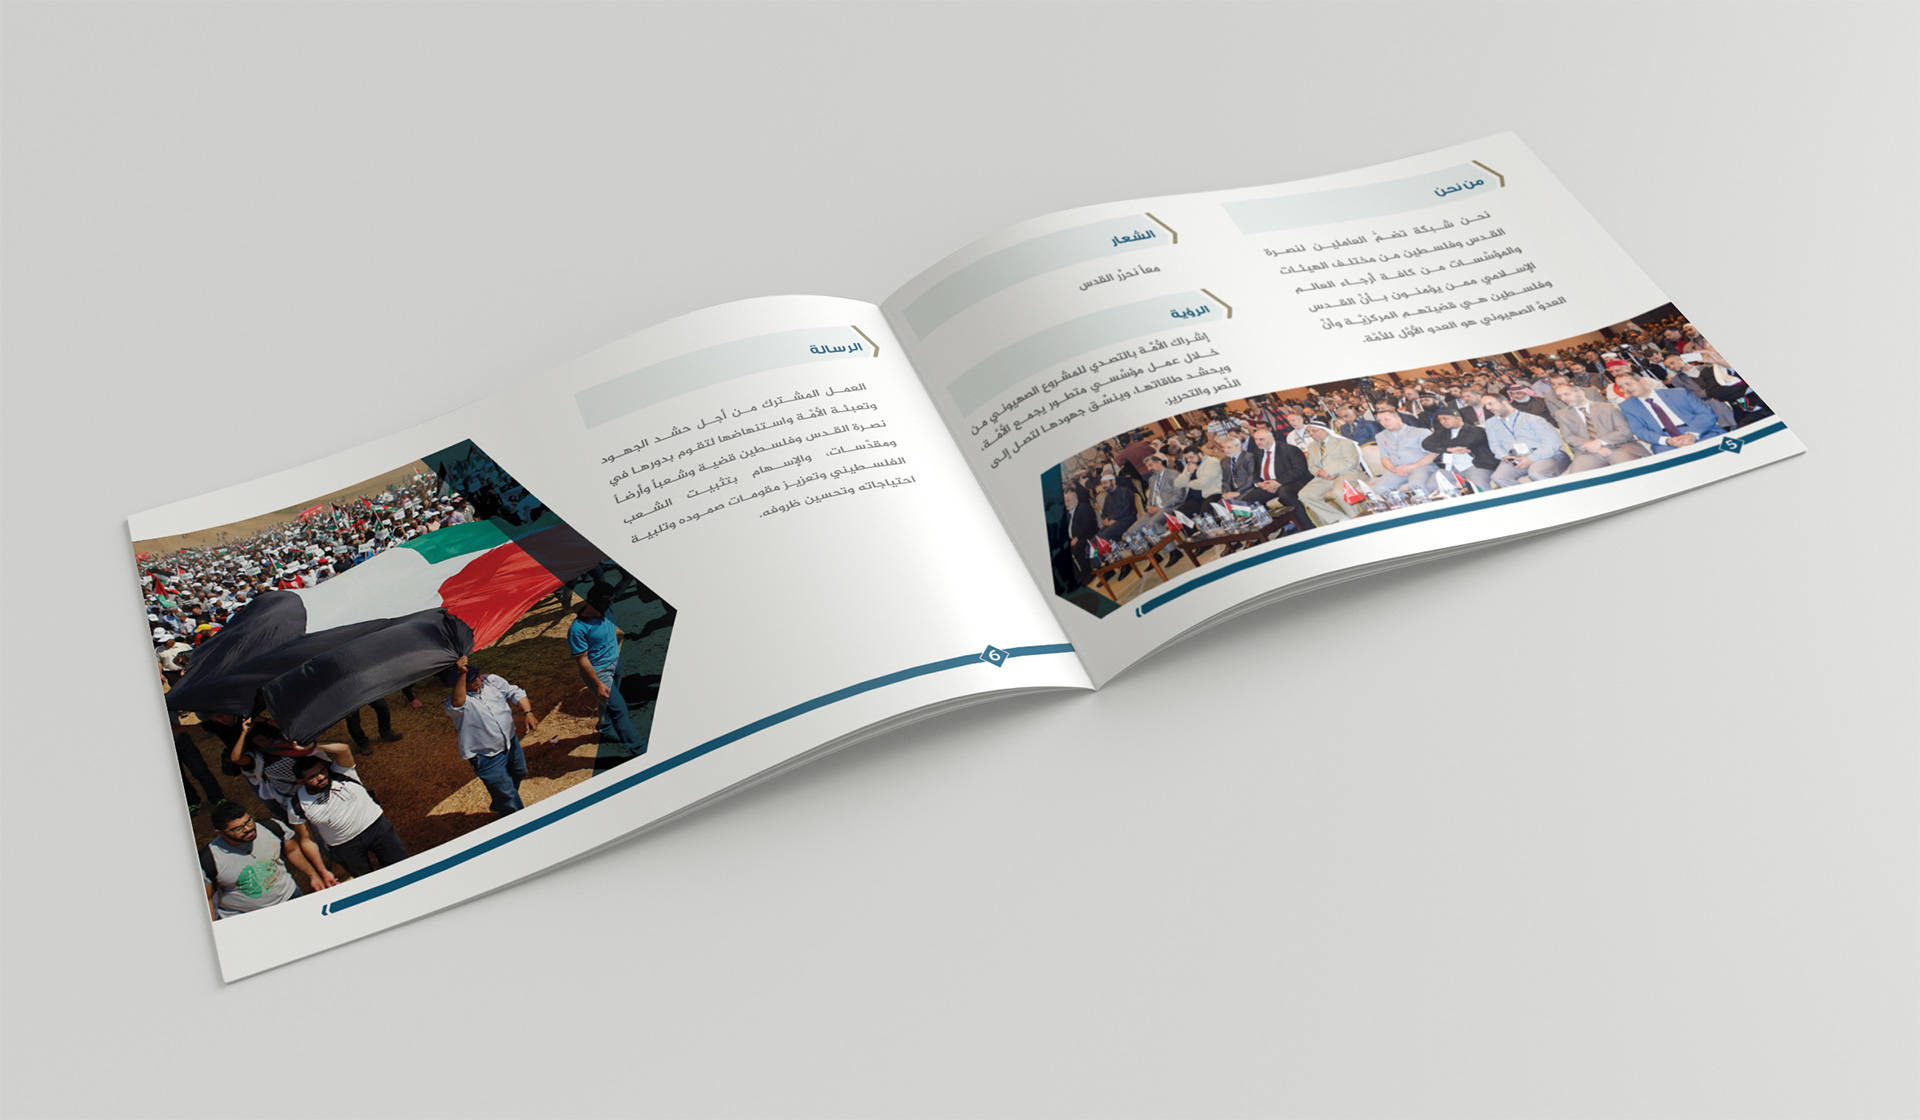 2P - خدمات العلاقات العامة والتسويق الرقمي -الائتلاف العالمي لنصرة القدس وفلسطين